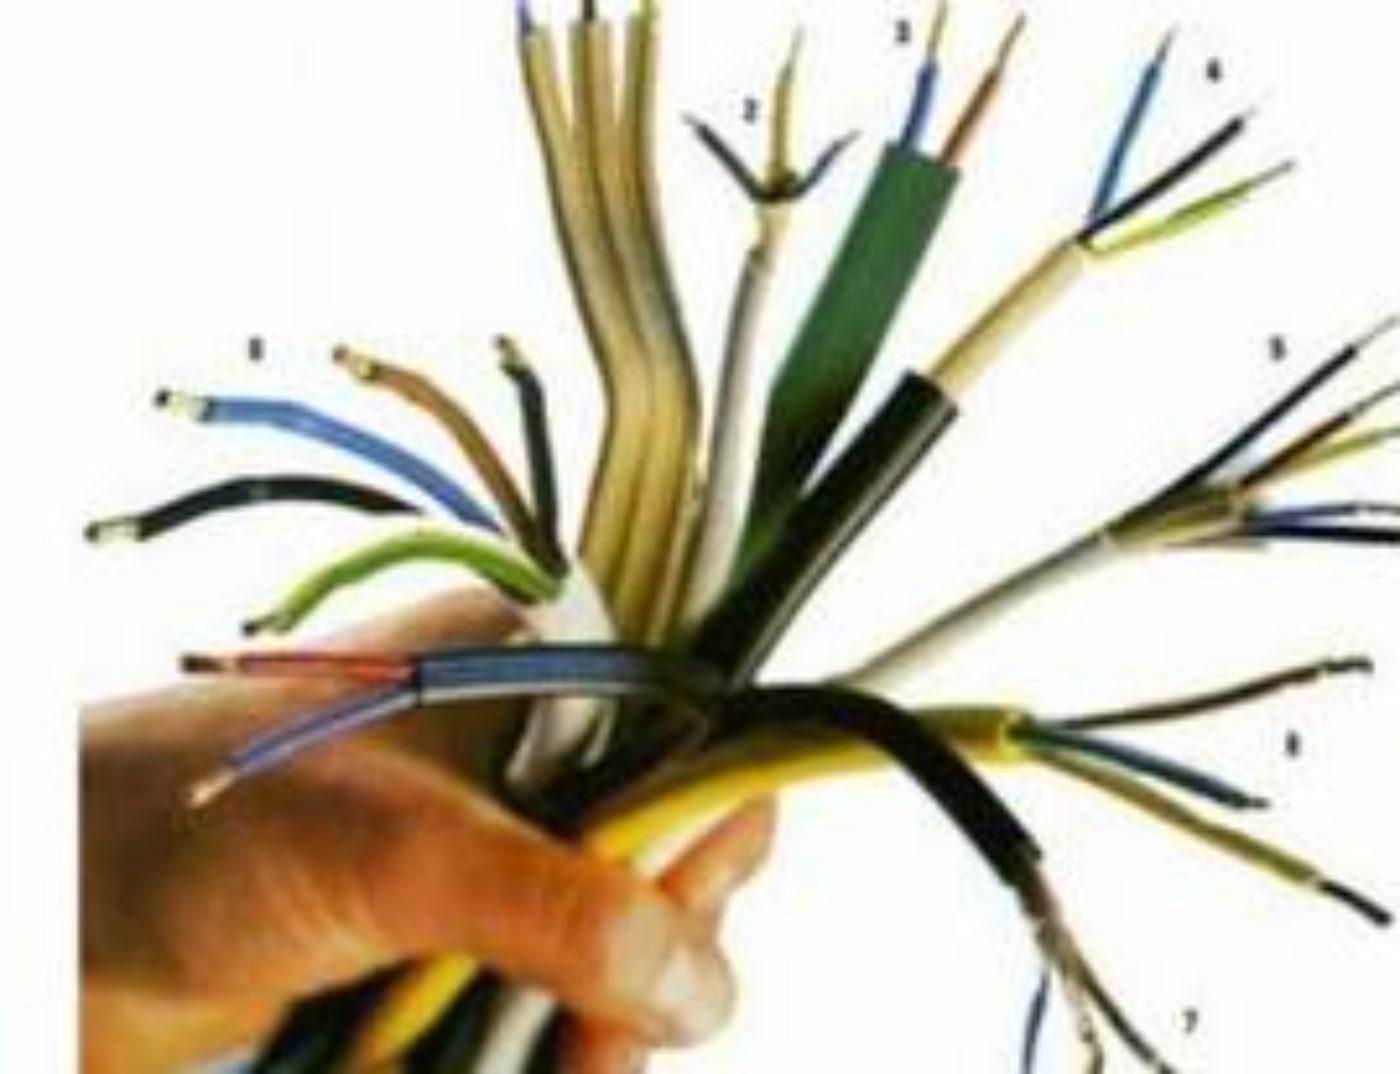 Разновидности и характеристики электрических проводов, предназначенных для внутренней проводки